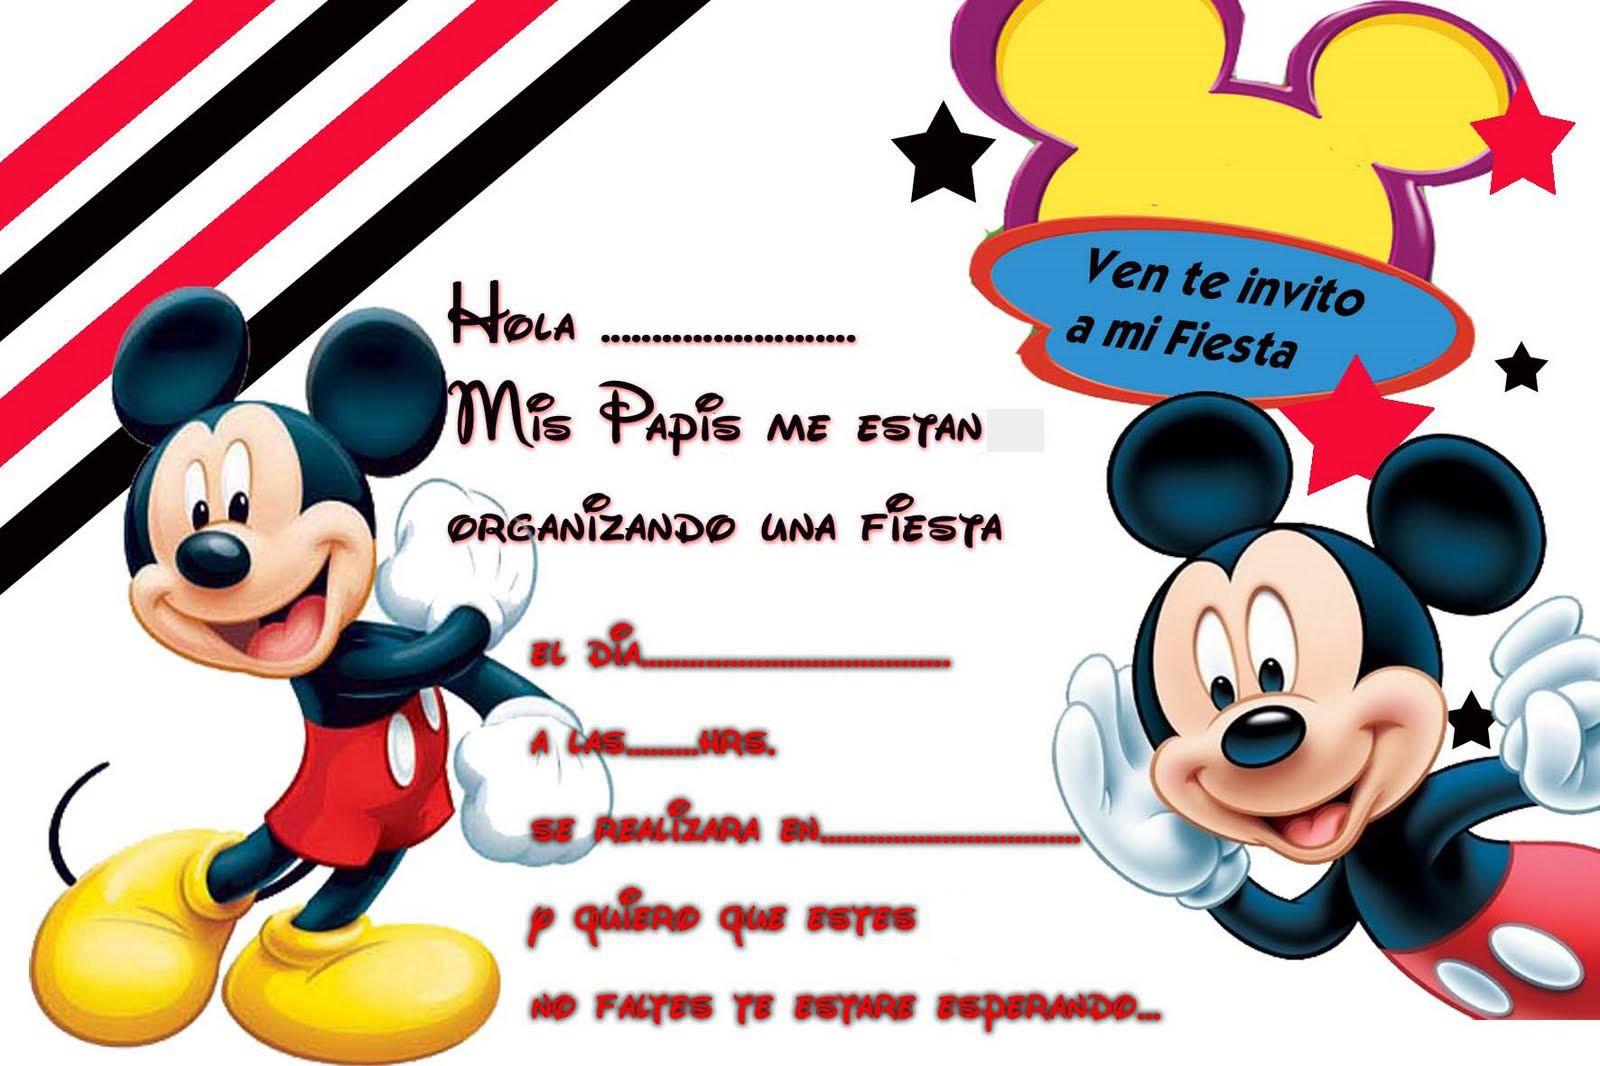 Tarjetas De Invitacion A Cumpleanos Gratis Para Mandar Por Mensaje 7 - Tarjetas-de-invitacion-cumpleaos